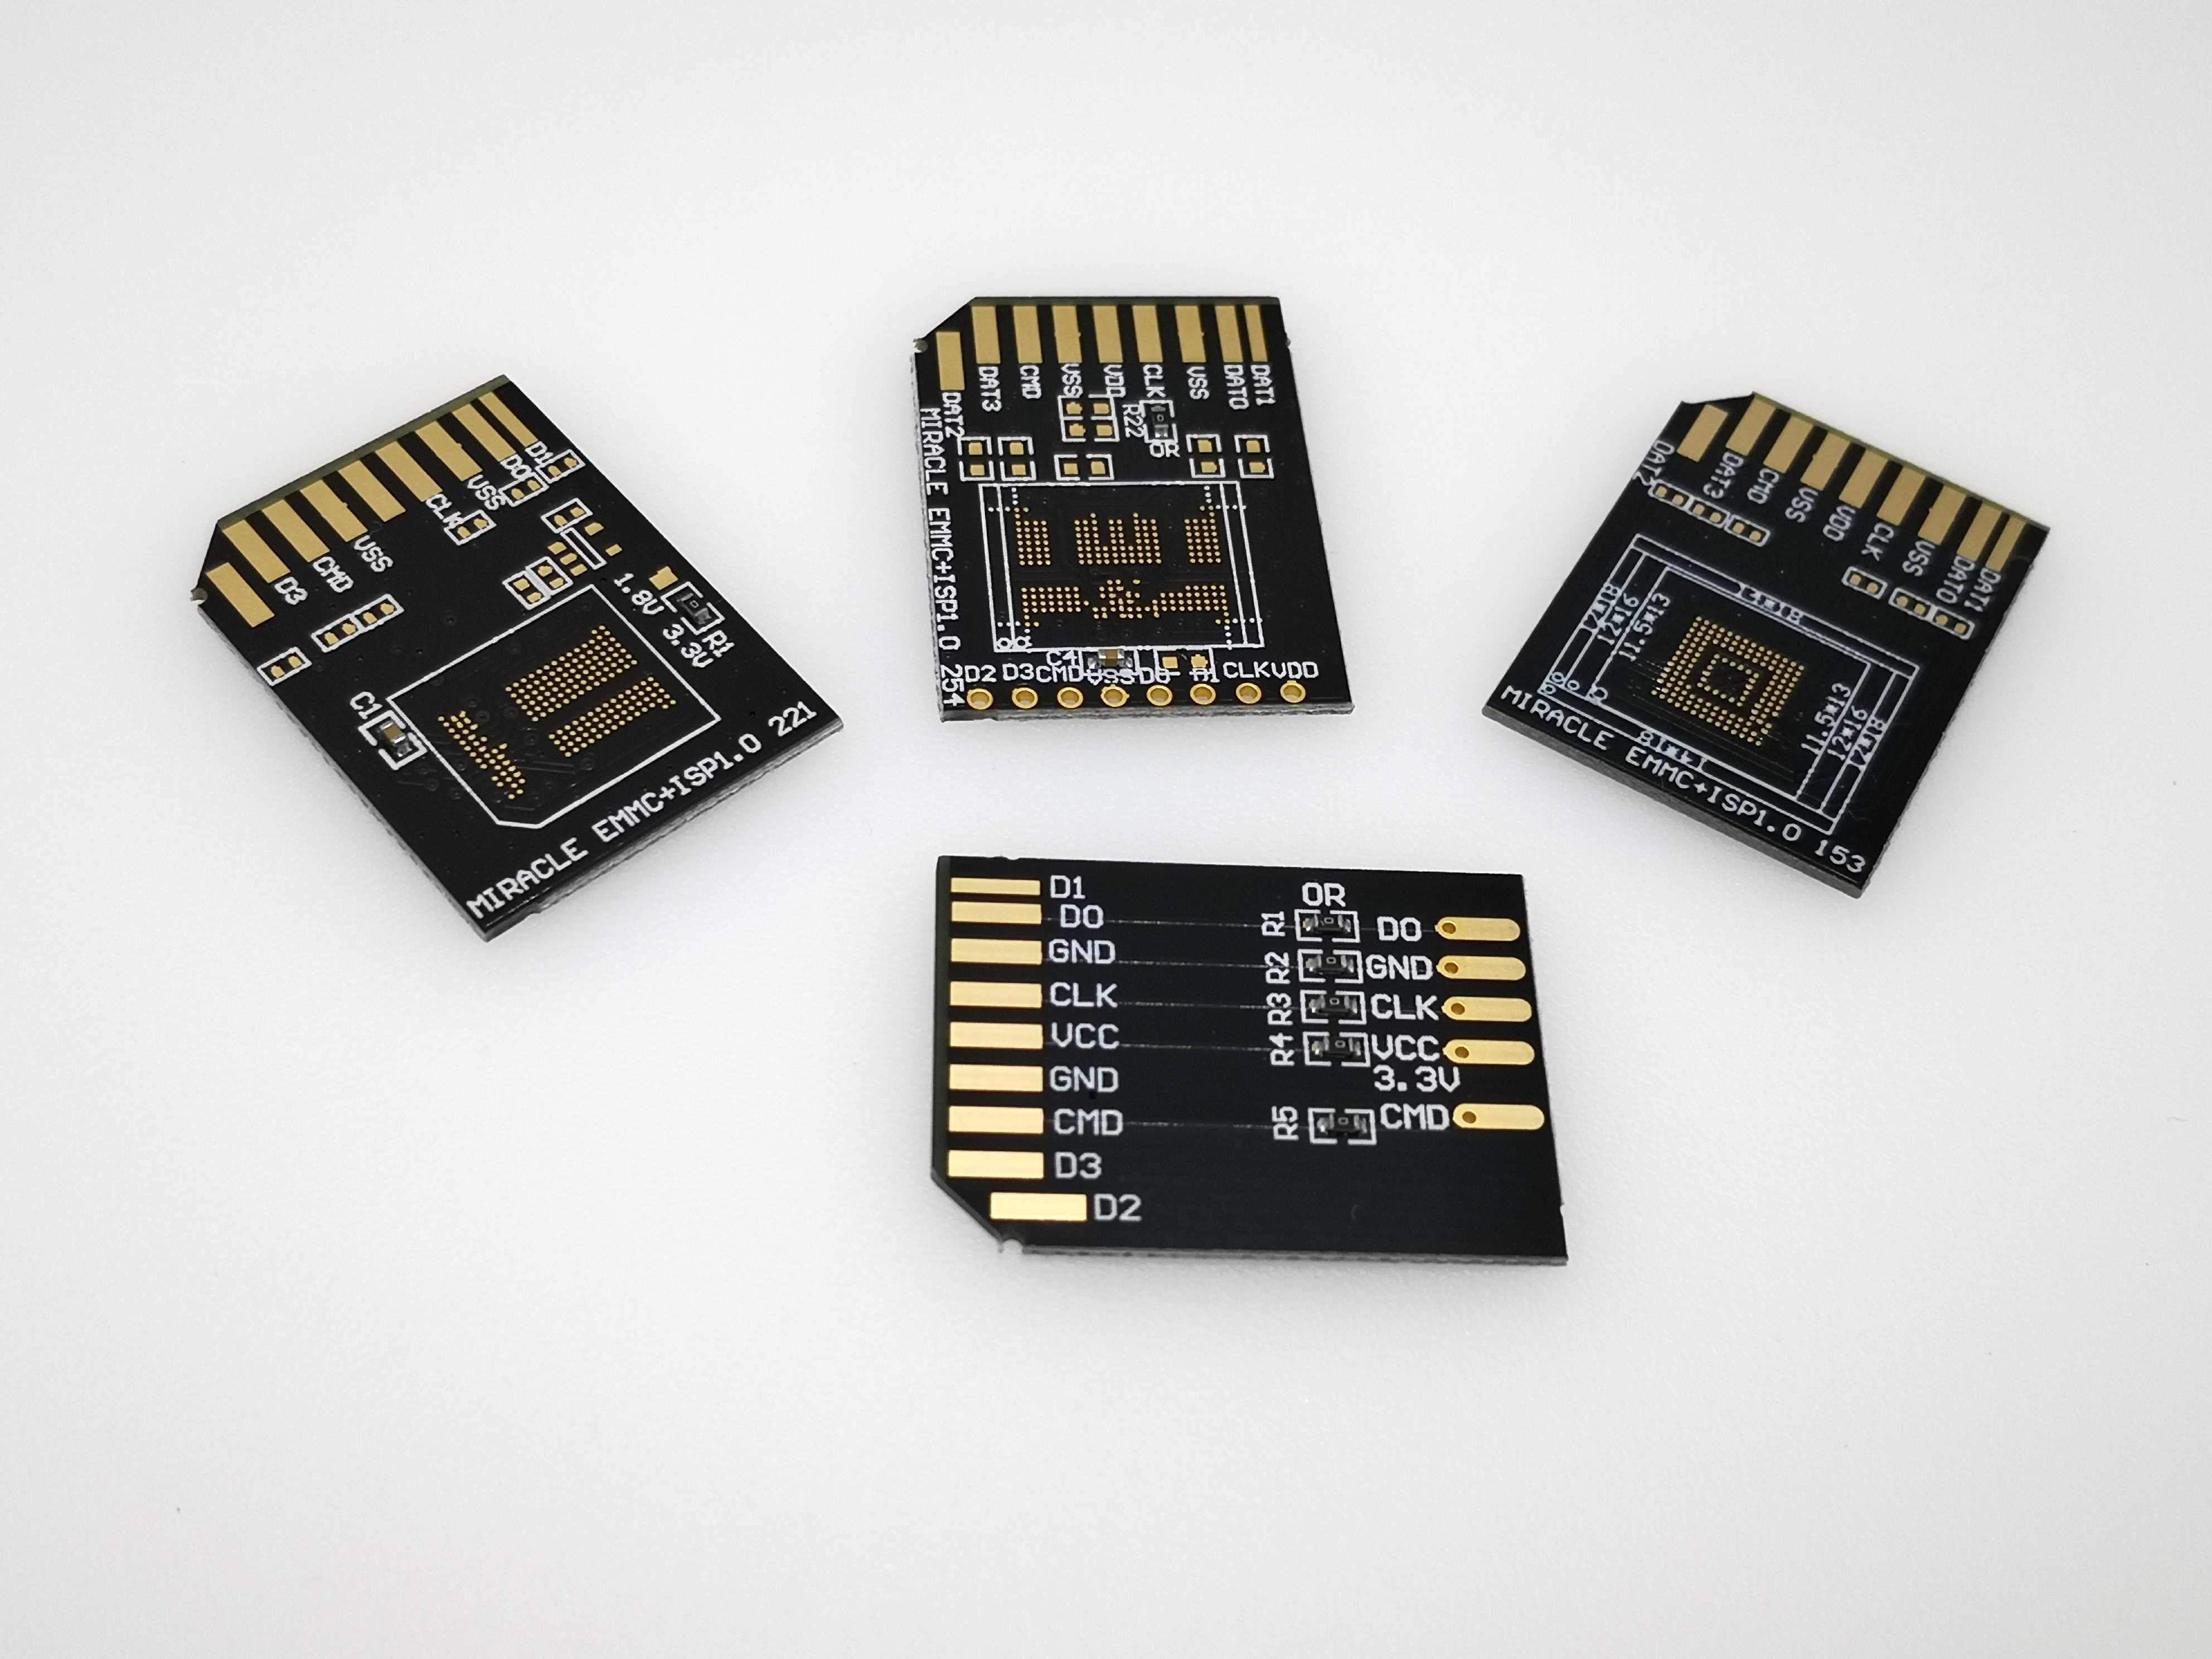 2020 ursprüngliche Miracle eMMC Plus adapter Werkzeug + Hardware 1,0 universal Bga 221,153,254 platte für mit Wunder donner box arbeit